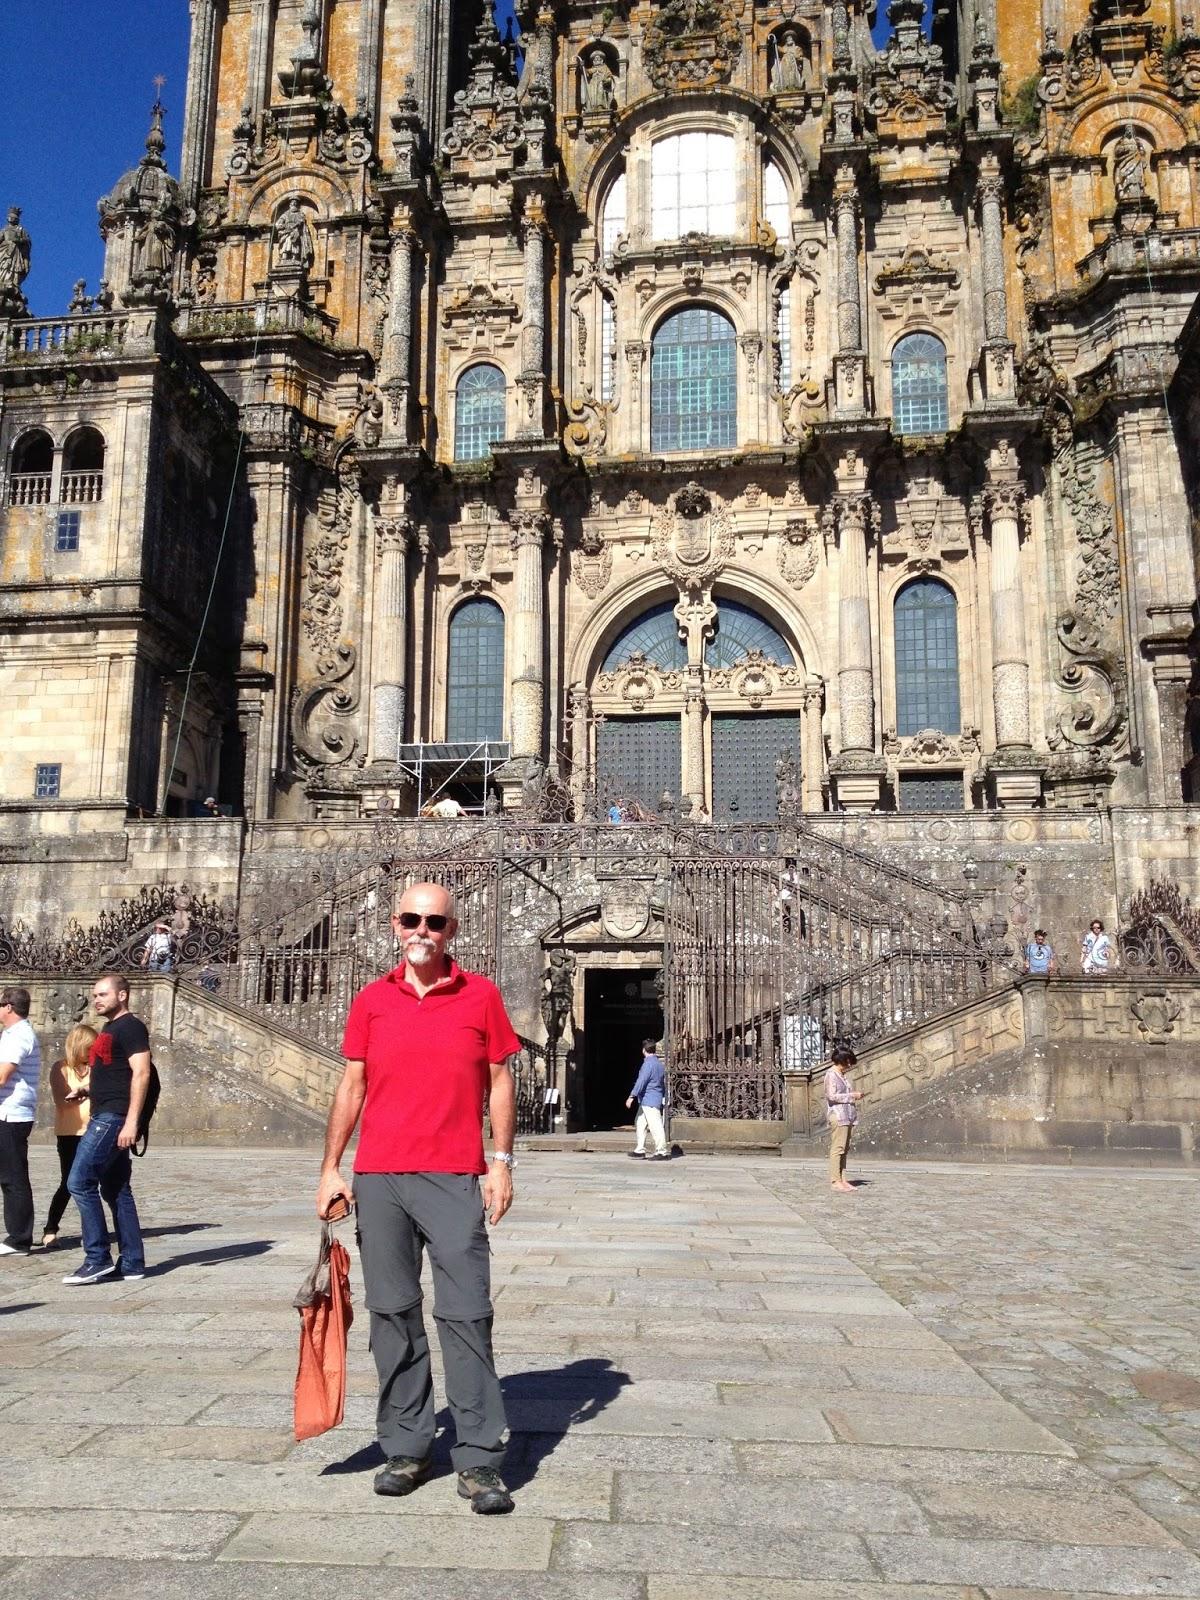 Dag 28 28 juni 2013 dag 3 verblijf in santiago de compostela avontuur naar santiago de - Verblijf kathedraal ...